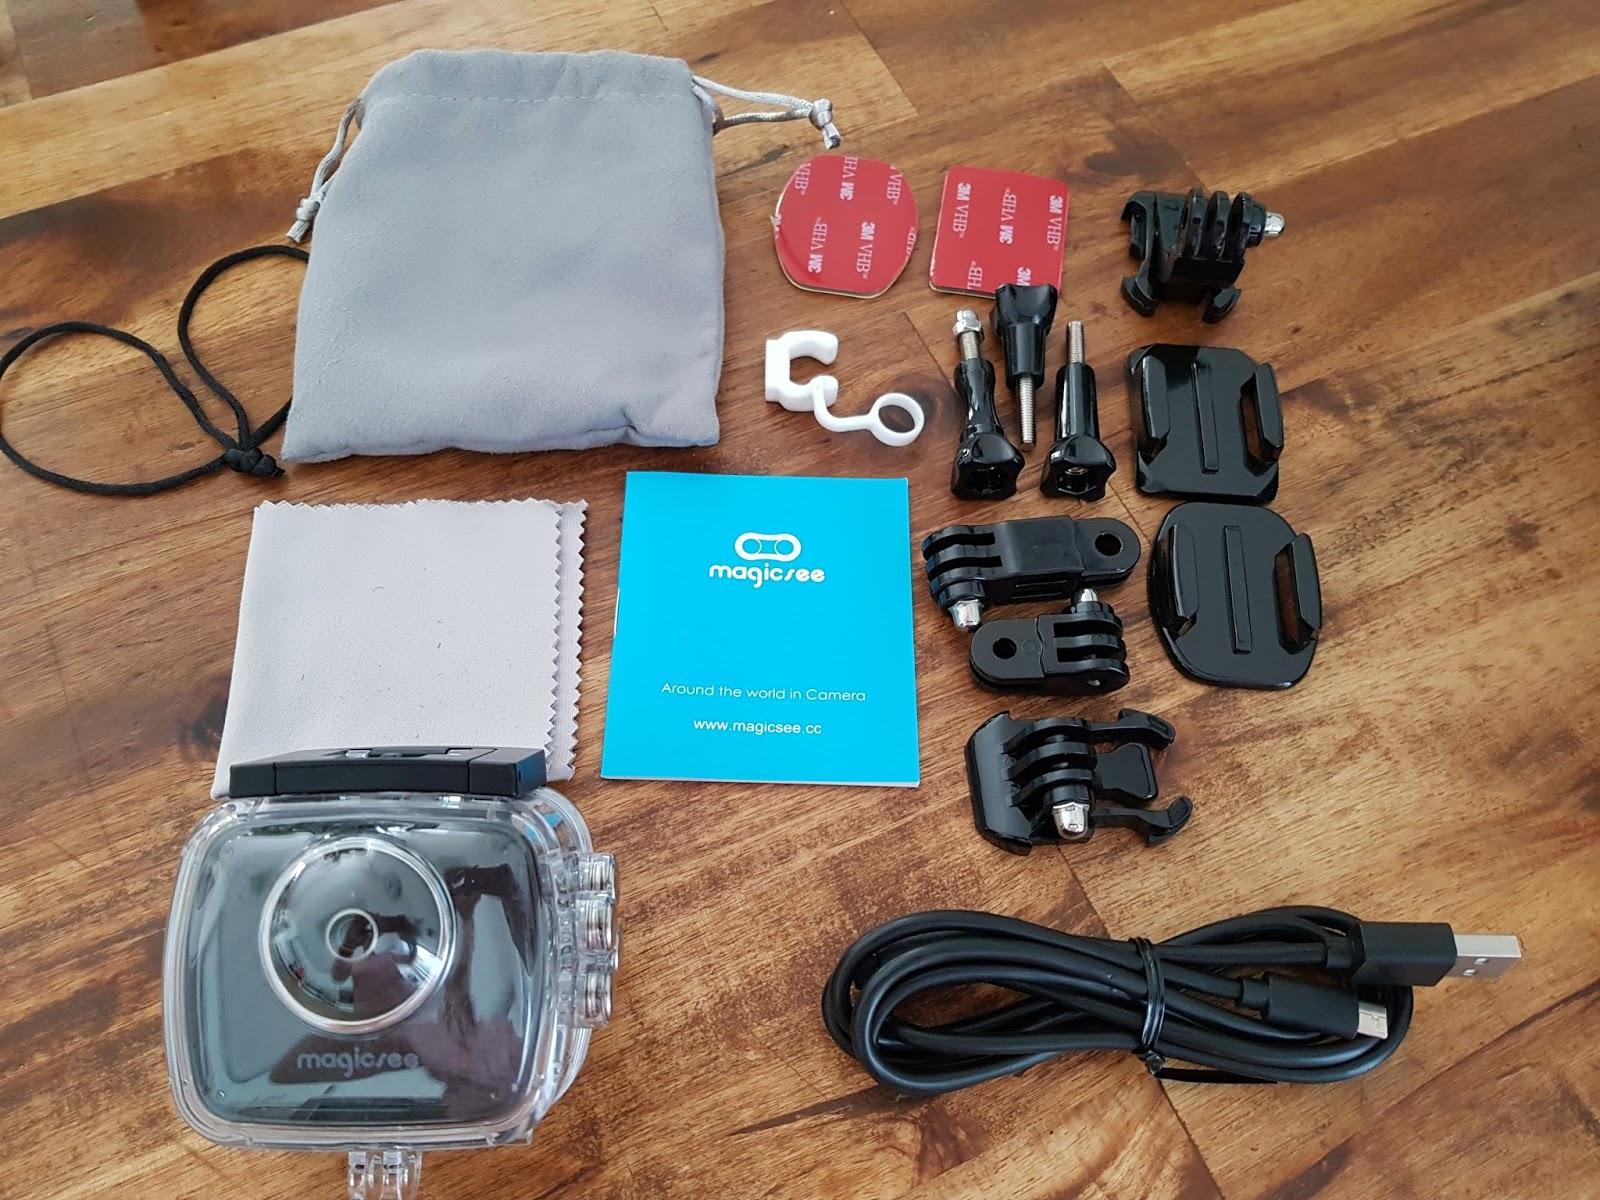 Ladekabel Aufbewahrung der tester magicsee p3 vr360 4k panoramakamera